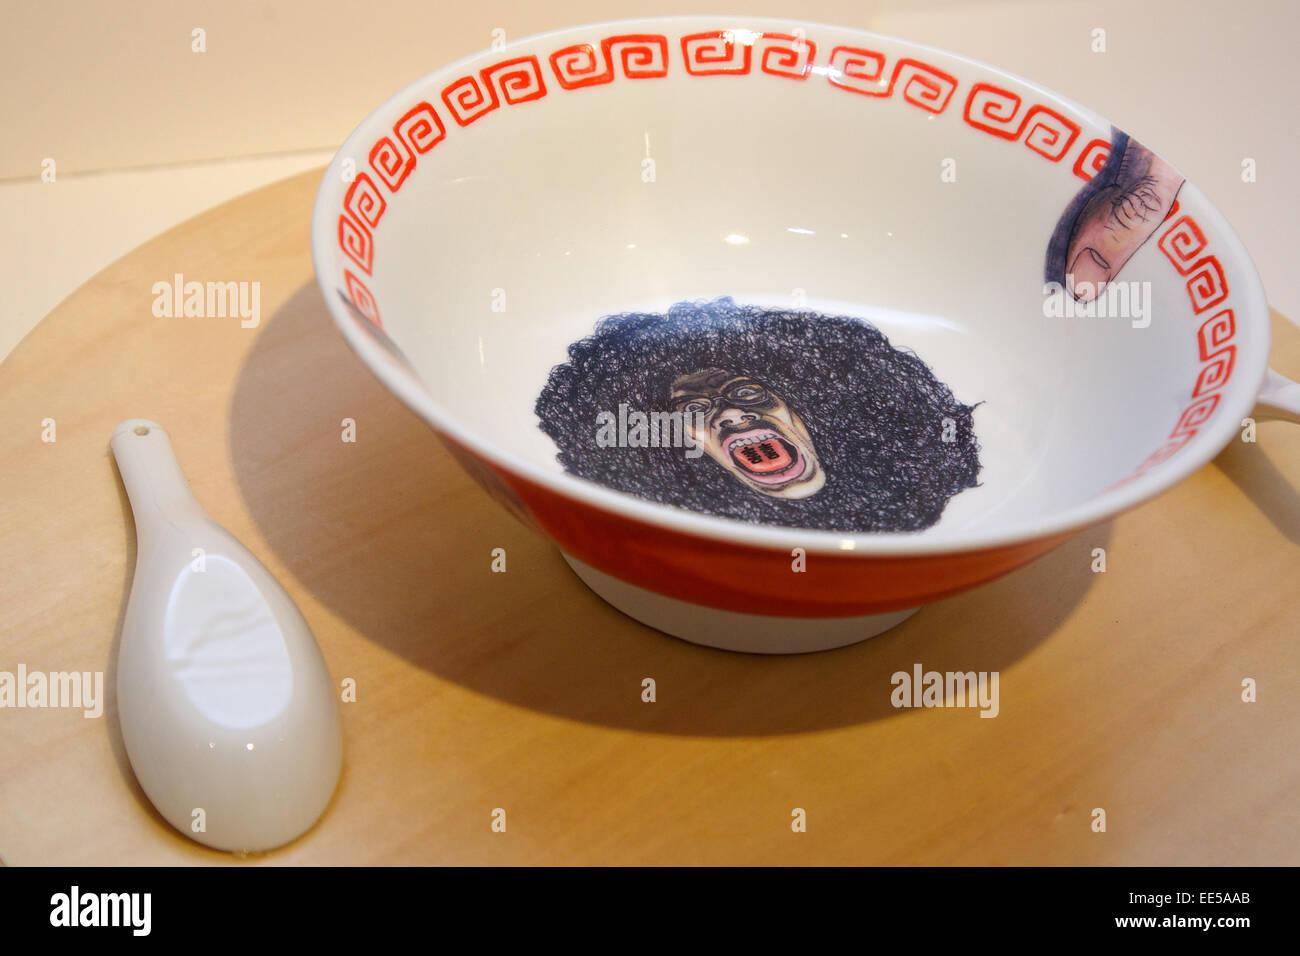 14 Januar 2015 Tokio Japan Ein Nudel Schussel Design Auf Mino Ramen Schussel Ausstellung In Tokio Japan Etwa 25 Keramik Nudel Schalen Ramen Donburi Entworfen Von Autoren Aus Der Mino Keramik Geschirr